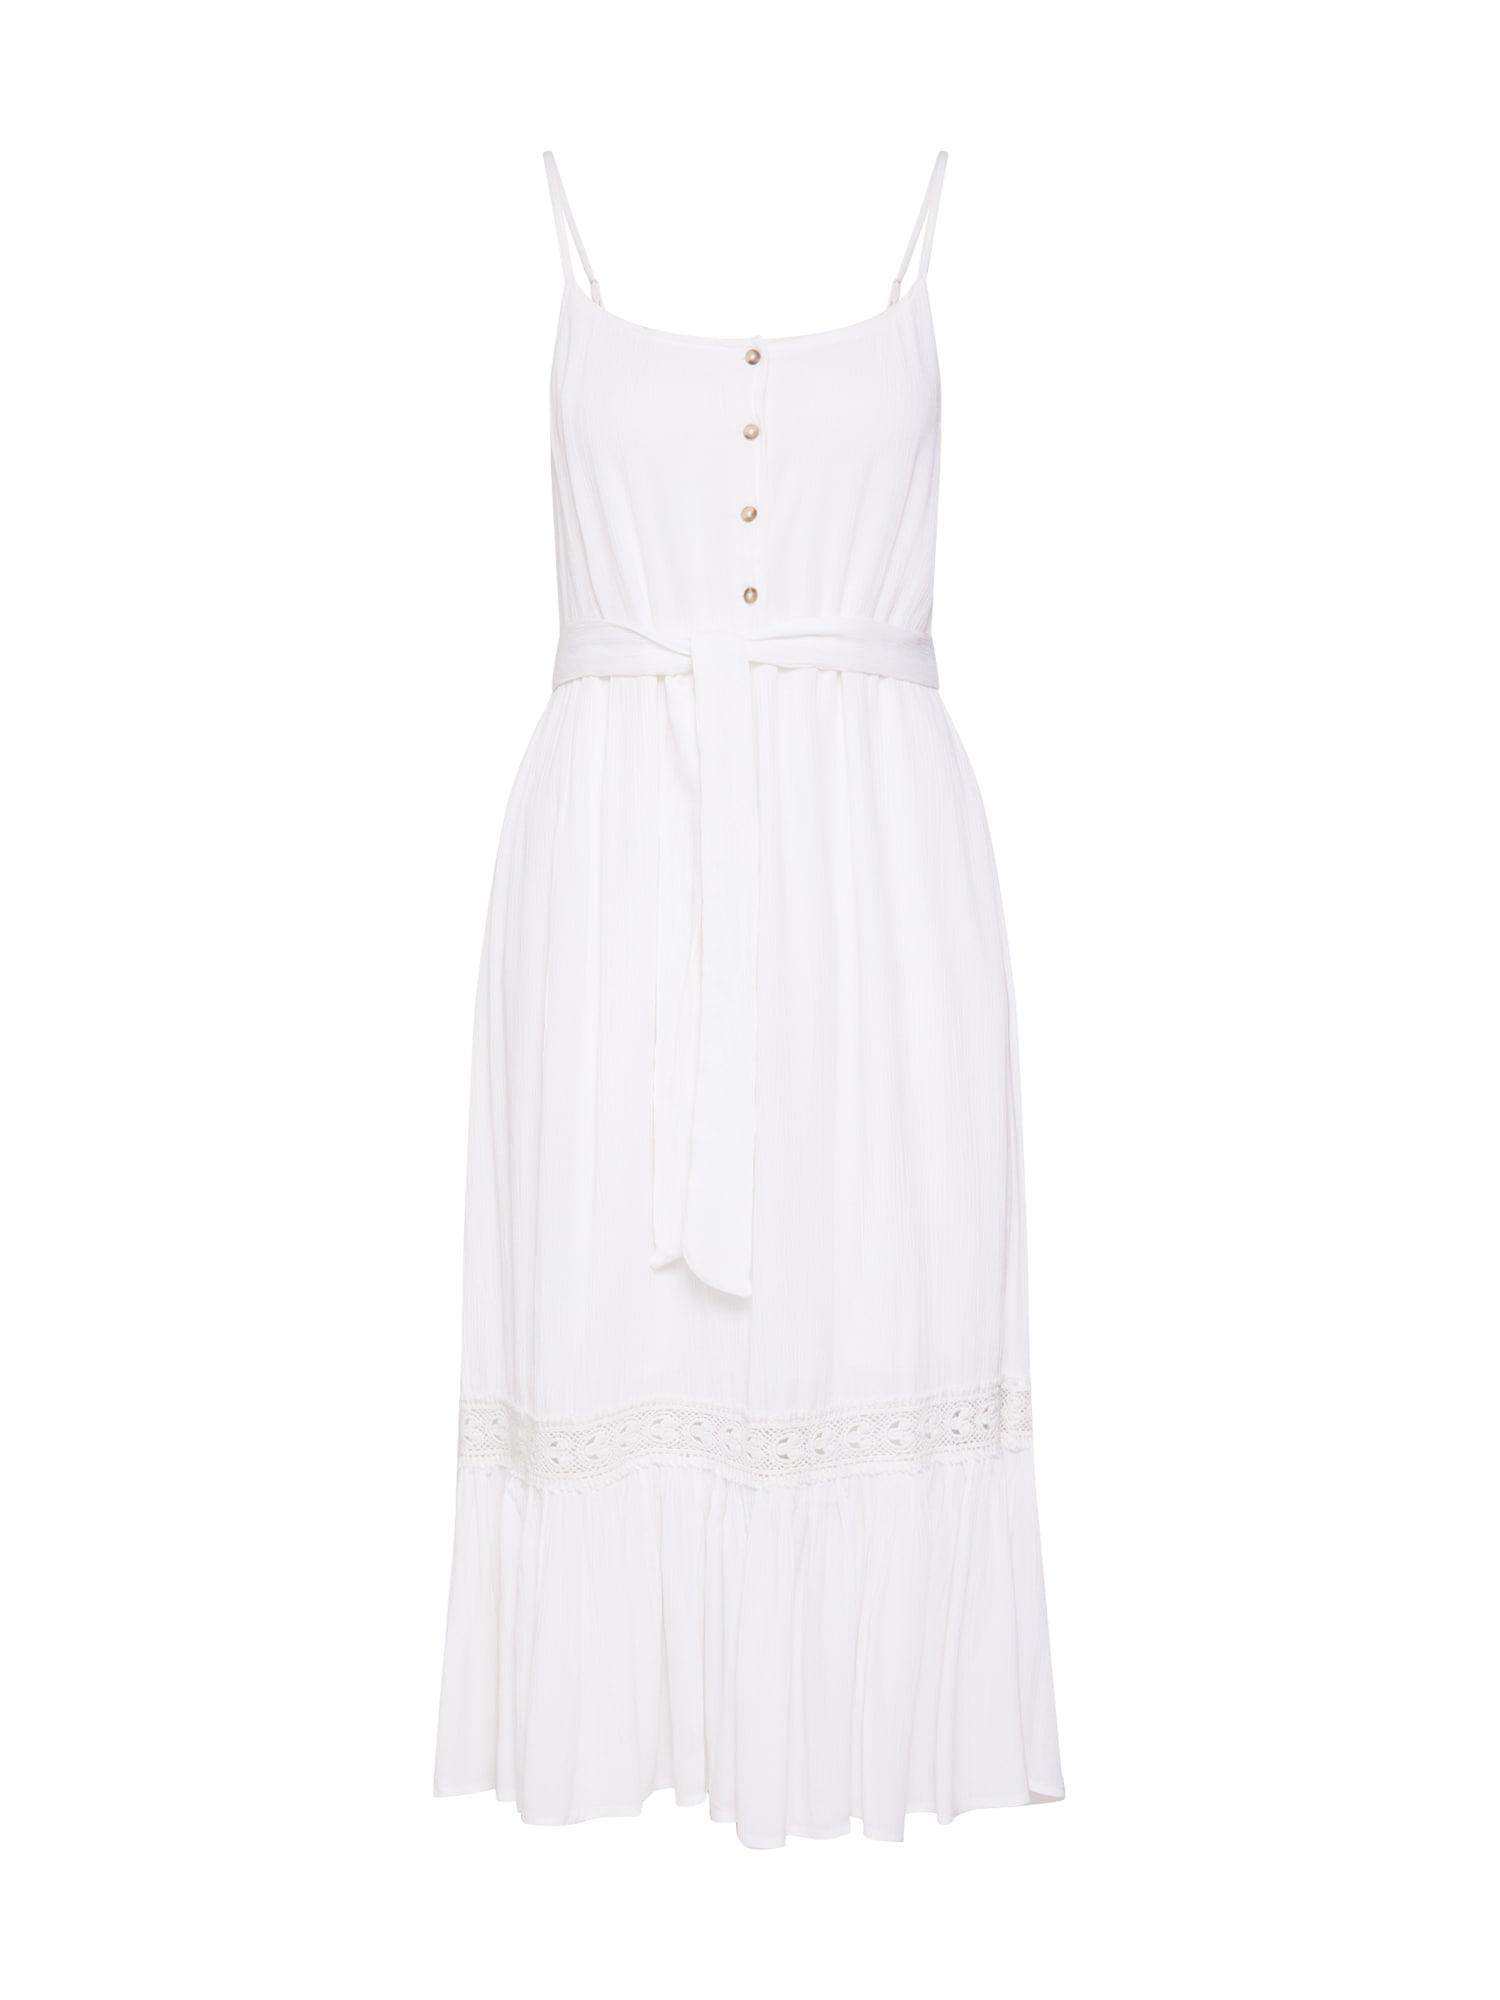 Letní šaty DonnaRomaina x Midi Dress bílá NA-KD